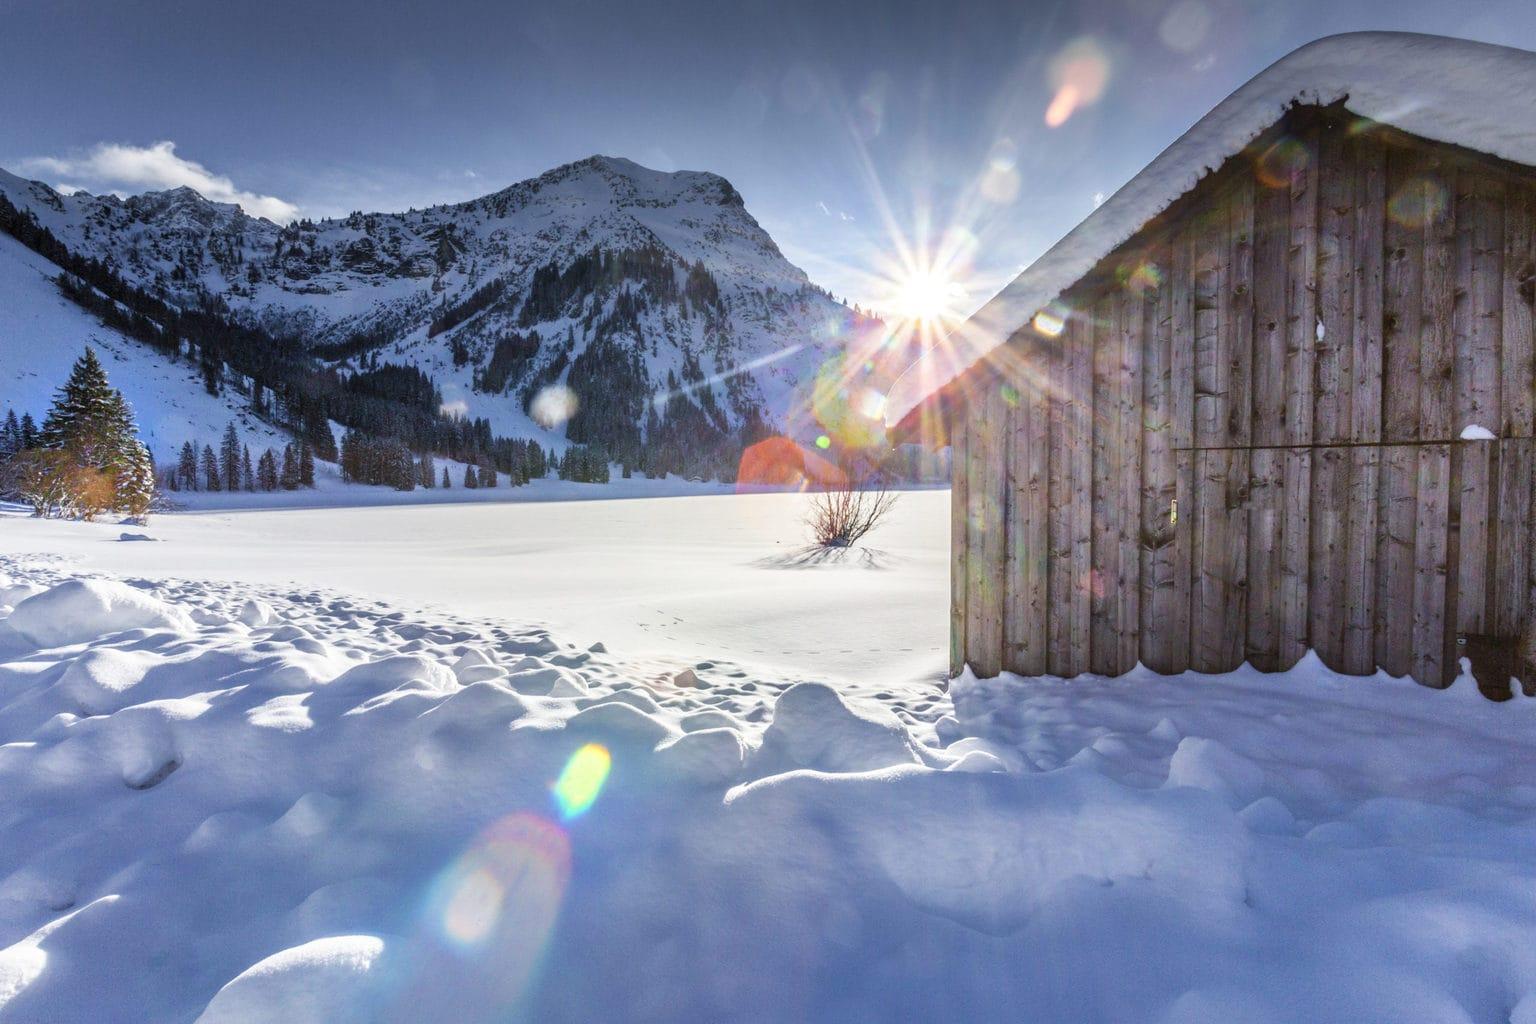 Mooi winterlandschap in het Duitse plaatsje Oberstdorf